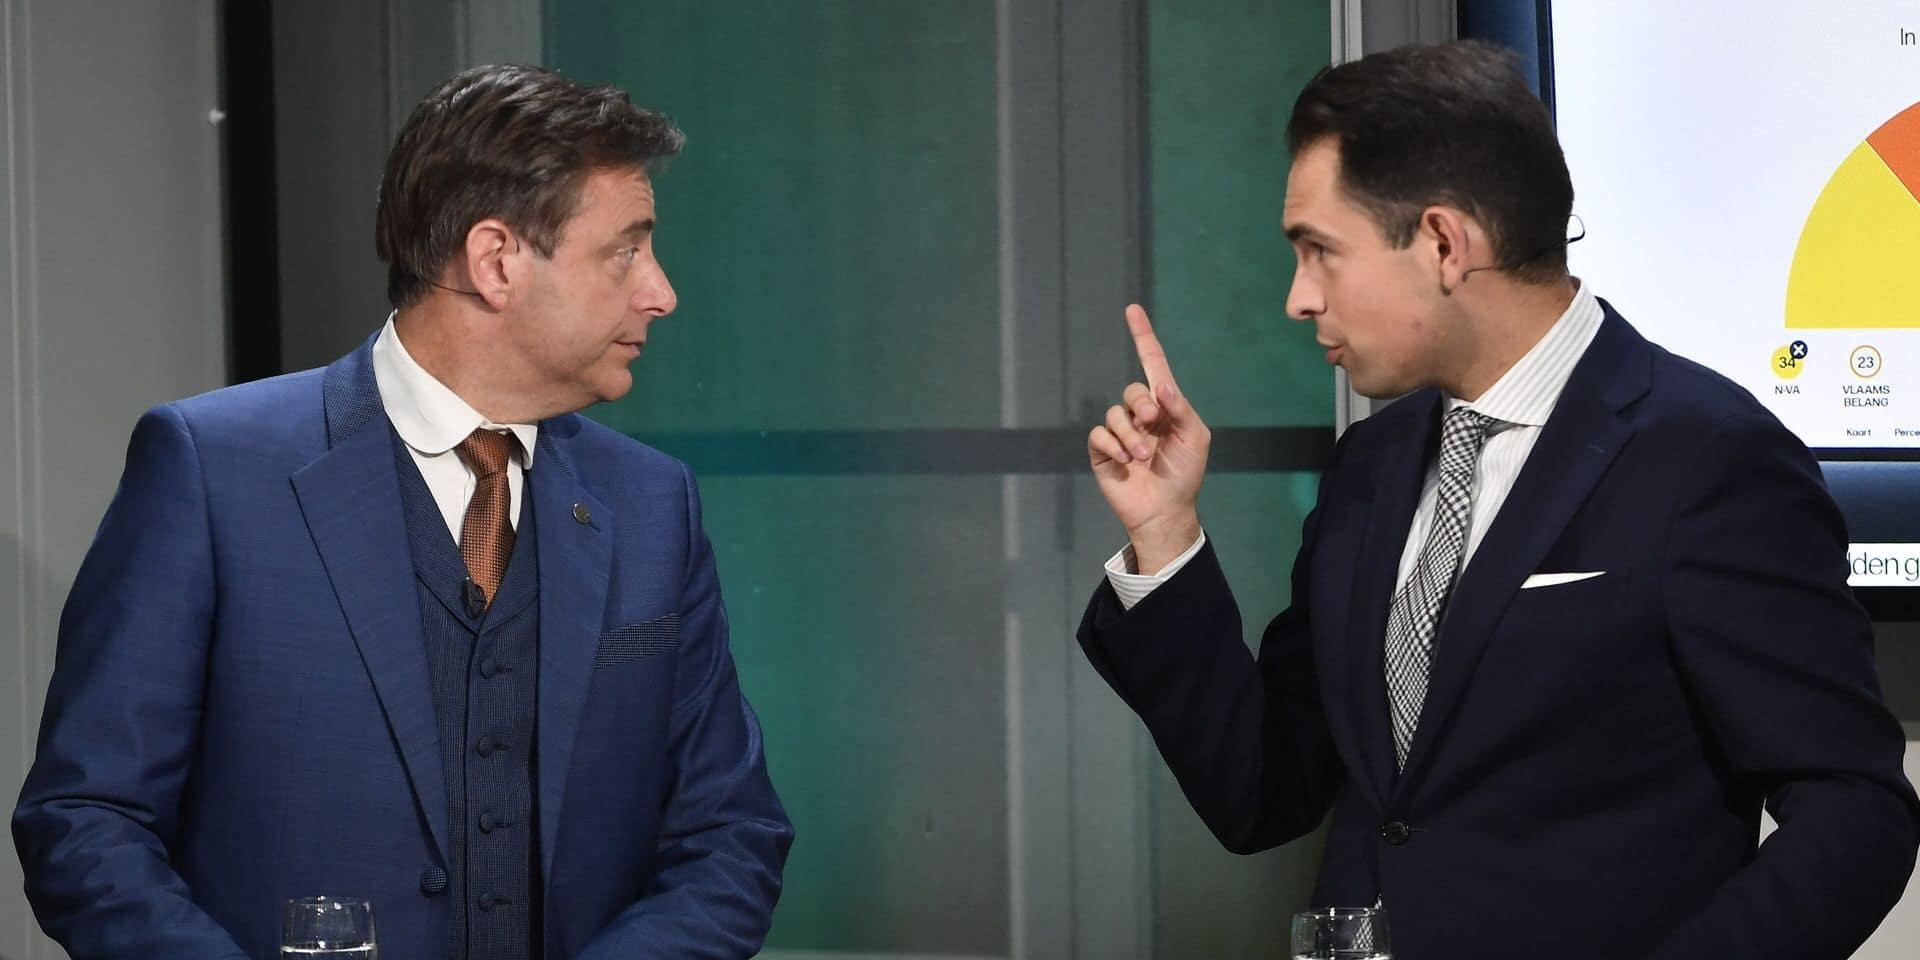 """De Wever: """"Une coalition avec le Vlaams Belang est impossible, même à l'avenir"""""""